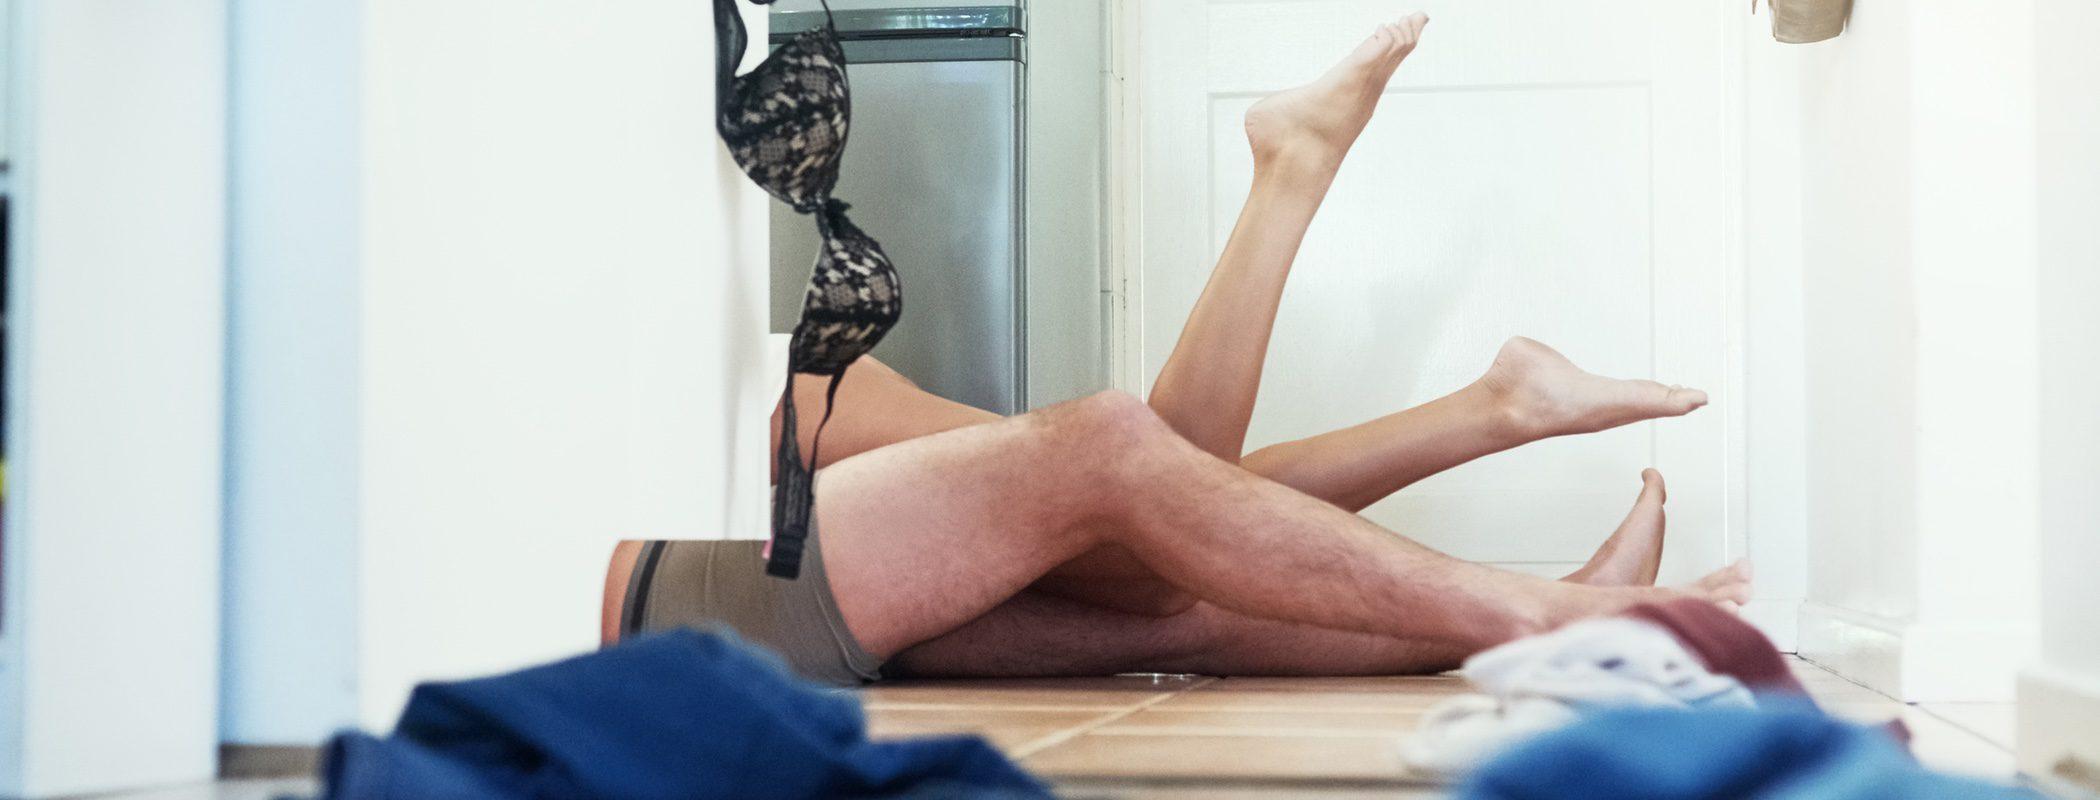 Sexo y deporte: ¿se puede hacer el amor antes de una competición deportiva?